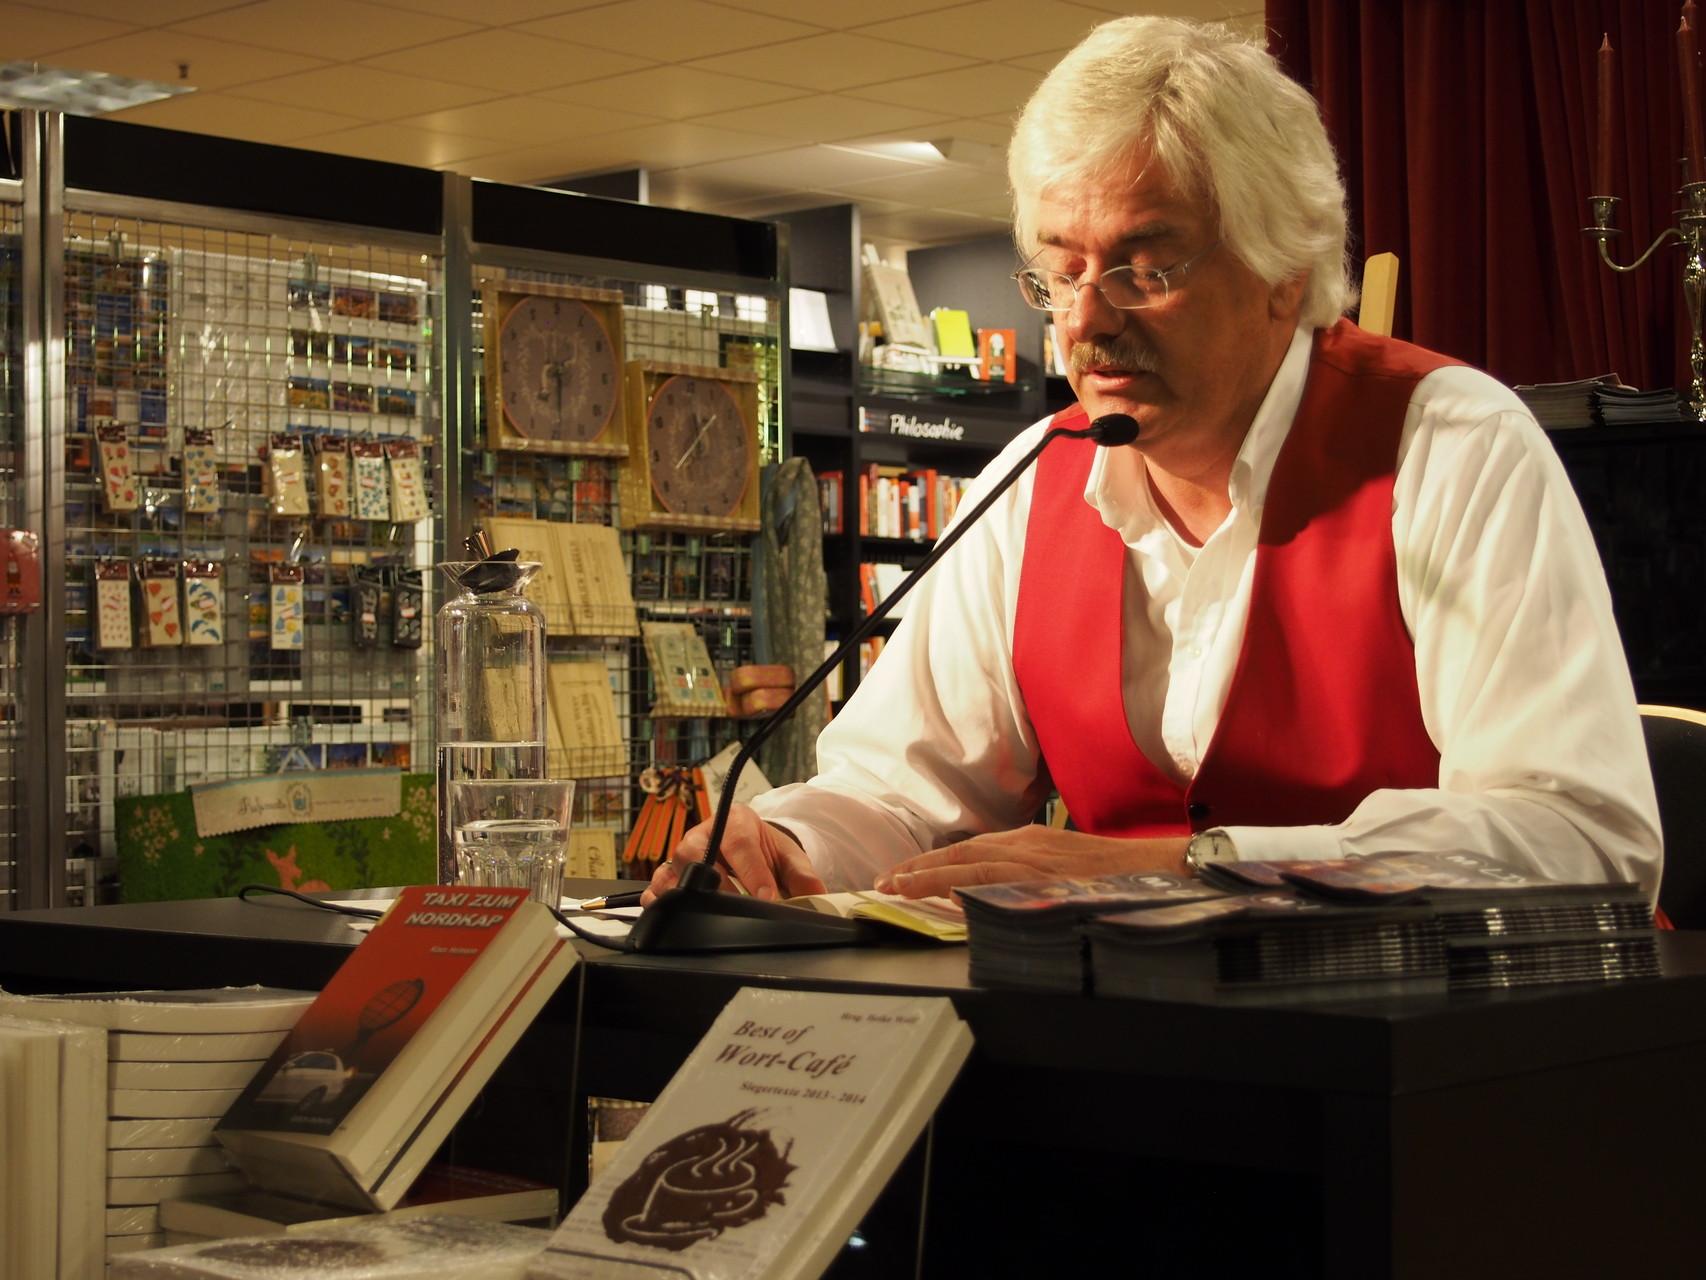 Lesung in der Mayerschen, Dortmund